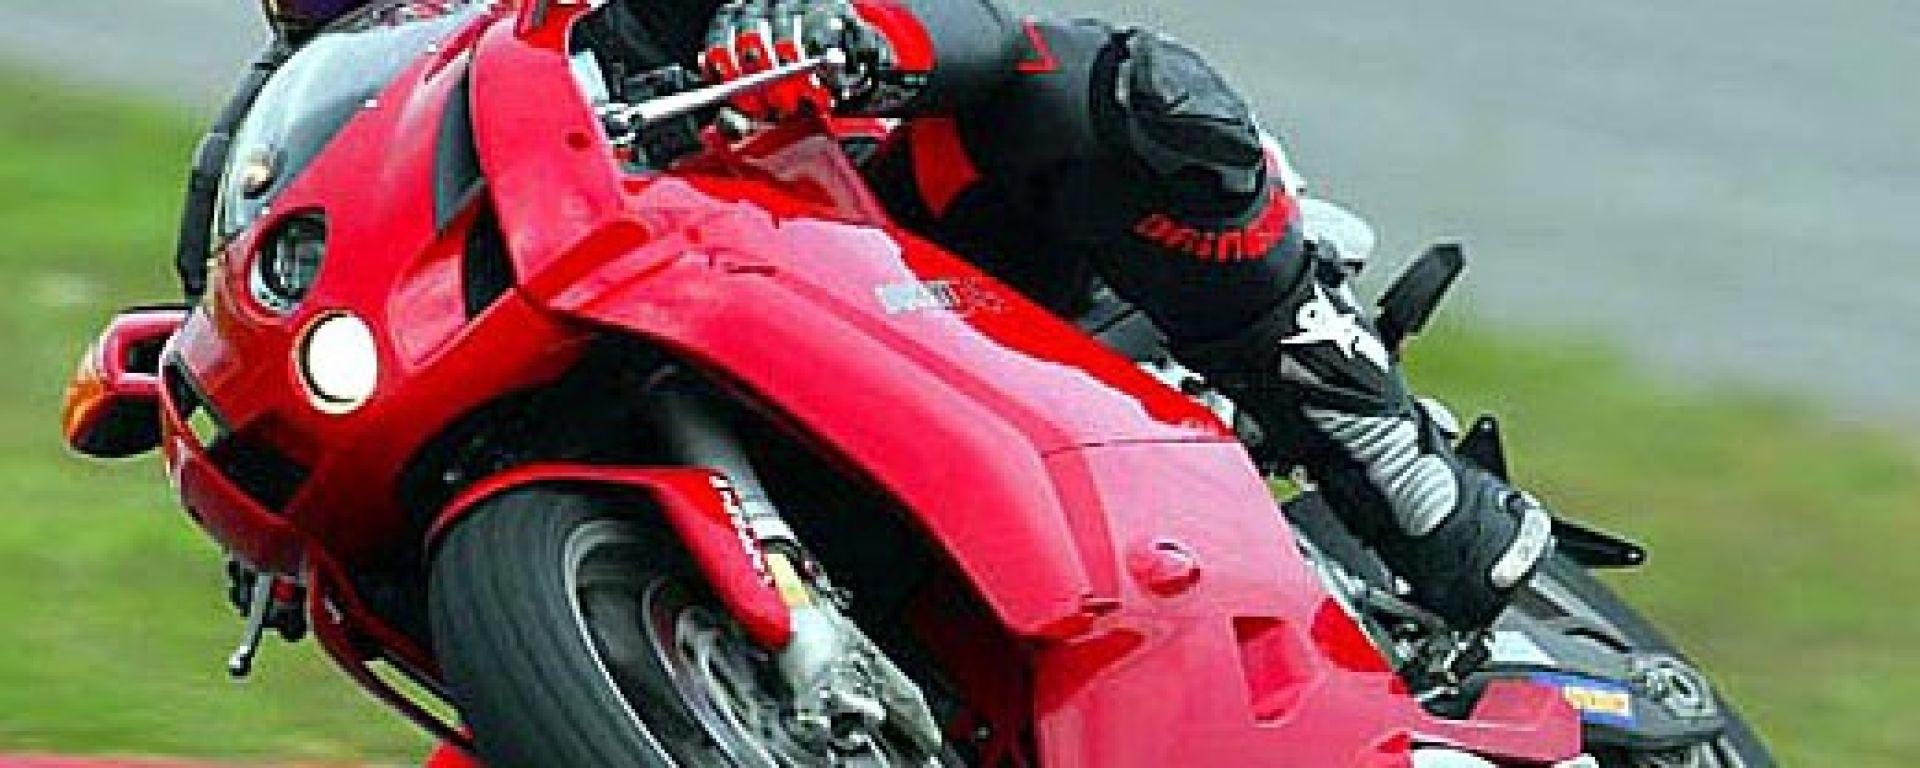 In sella a: Ducati 749 S MY 2004